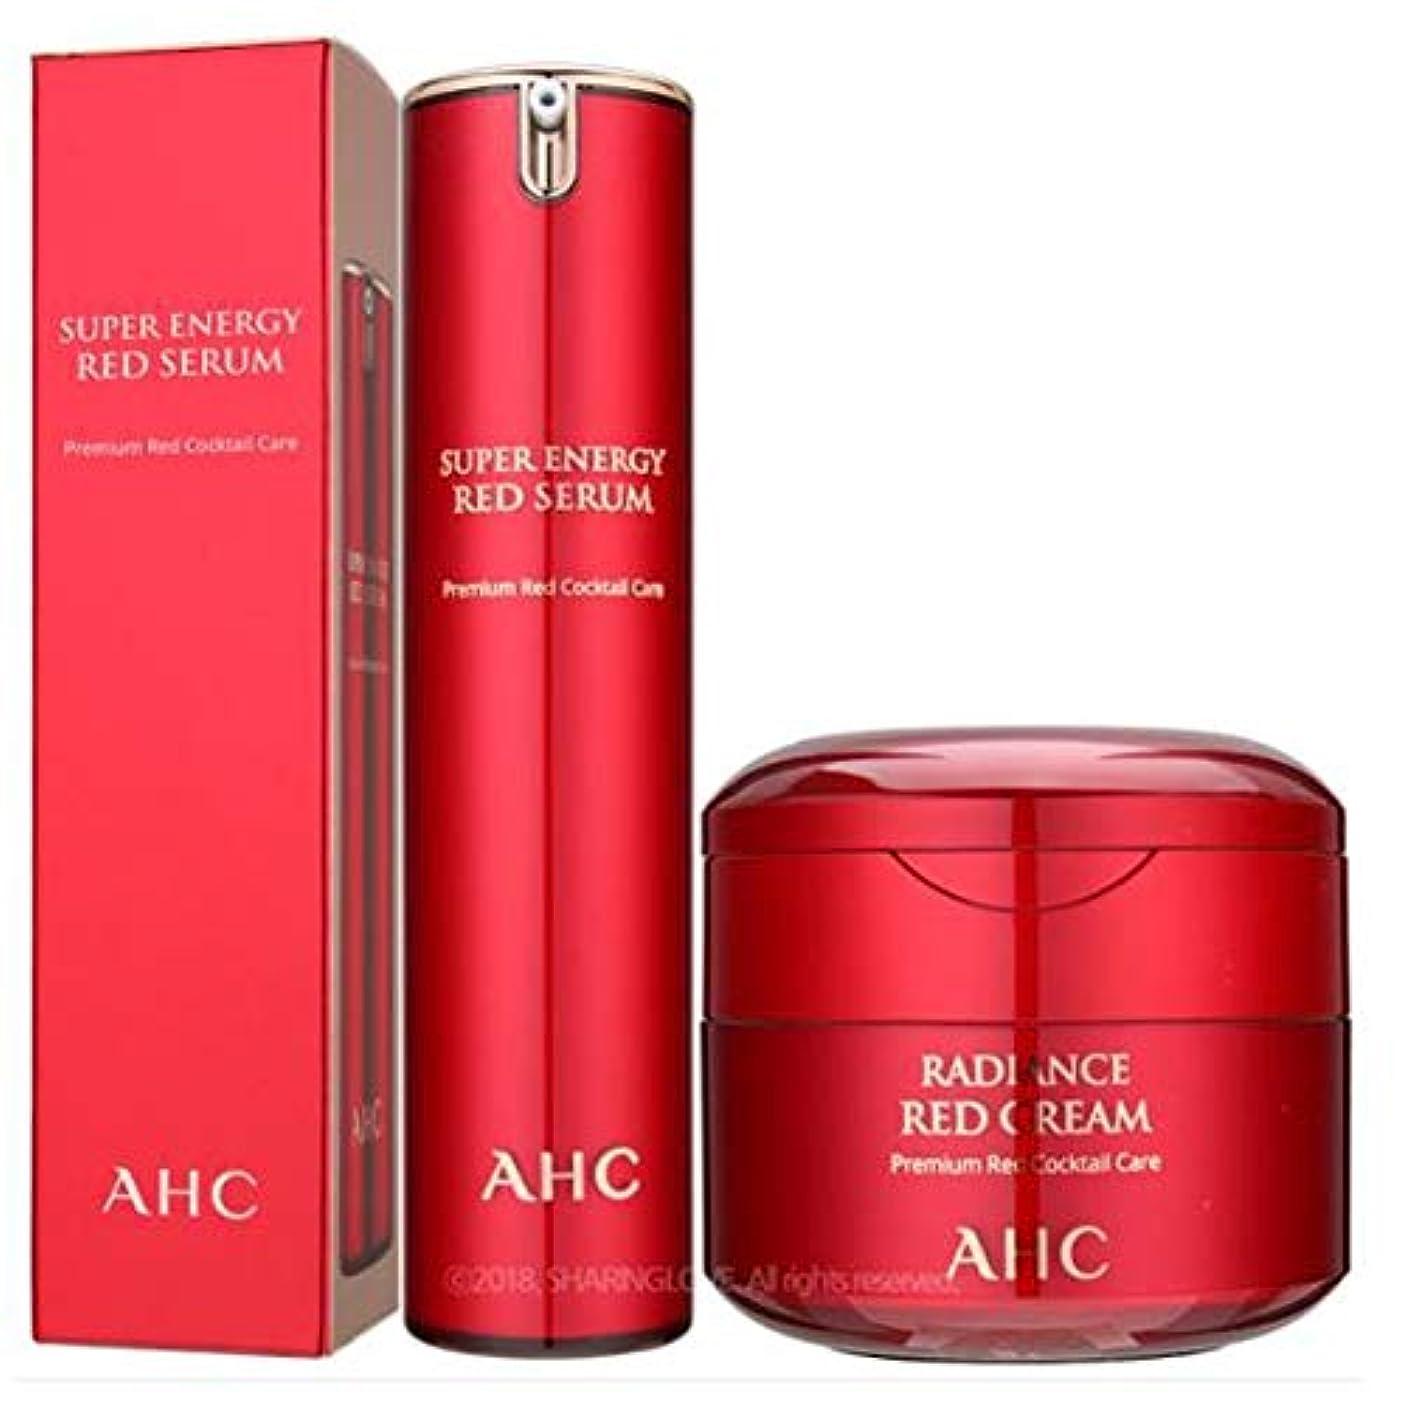 肌愛情解決するAHC Season2 Super Energy Red Serum 50ml&AHC Season2 Super Energy Red Cream 50ml [parallel import goods]